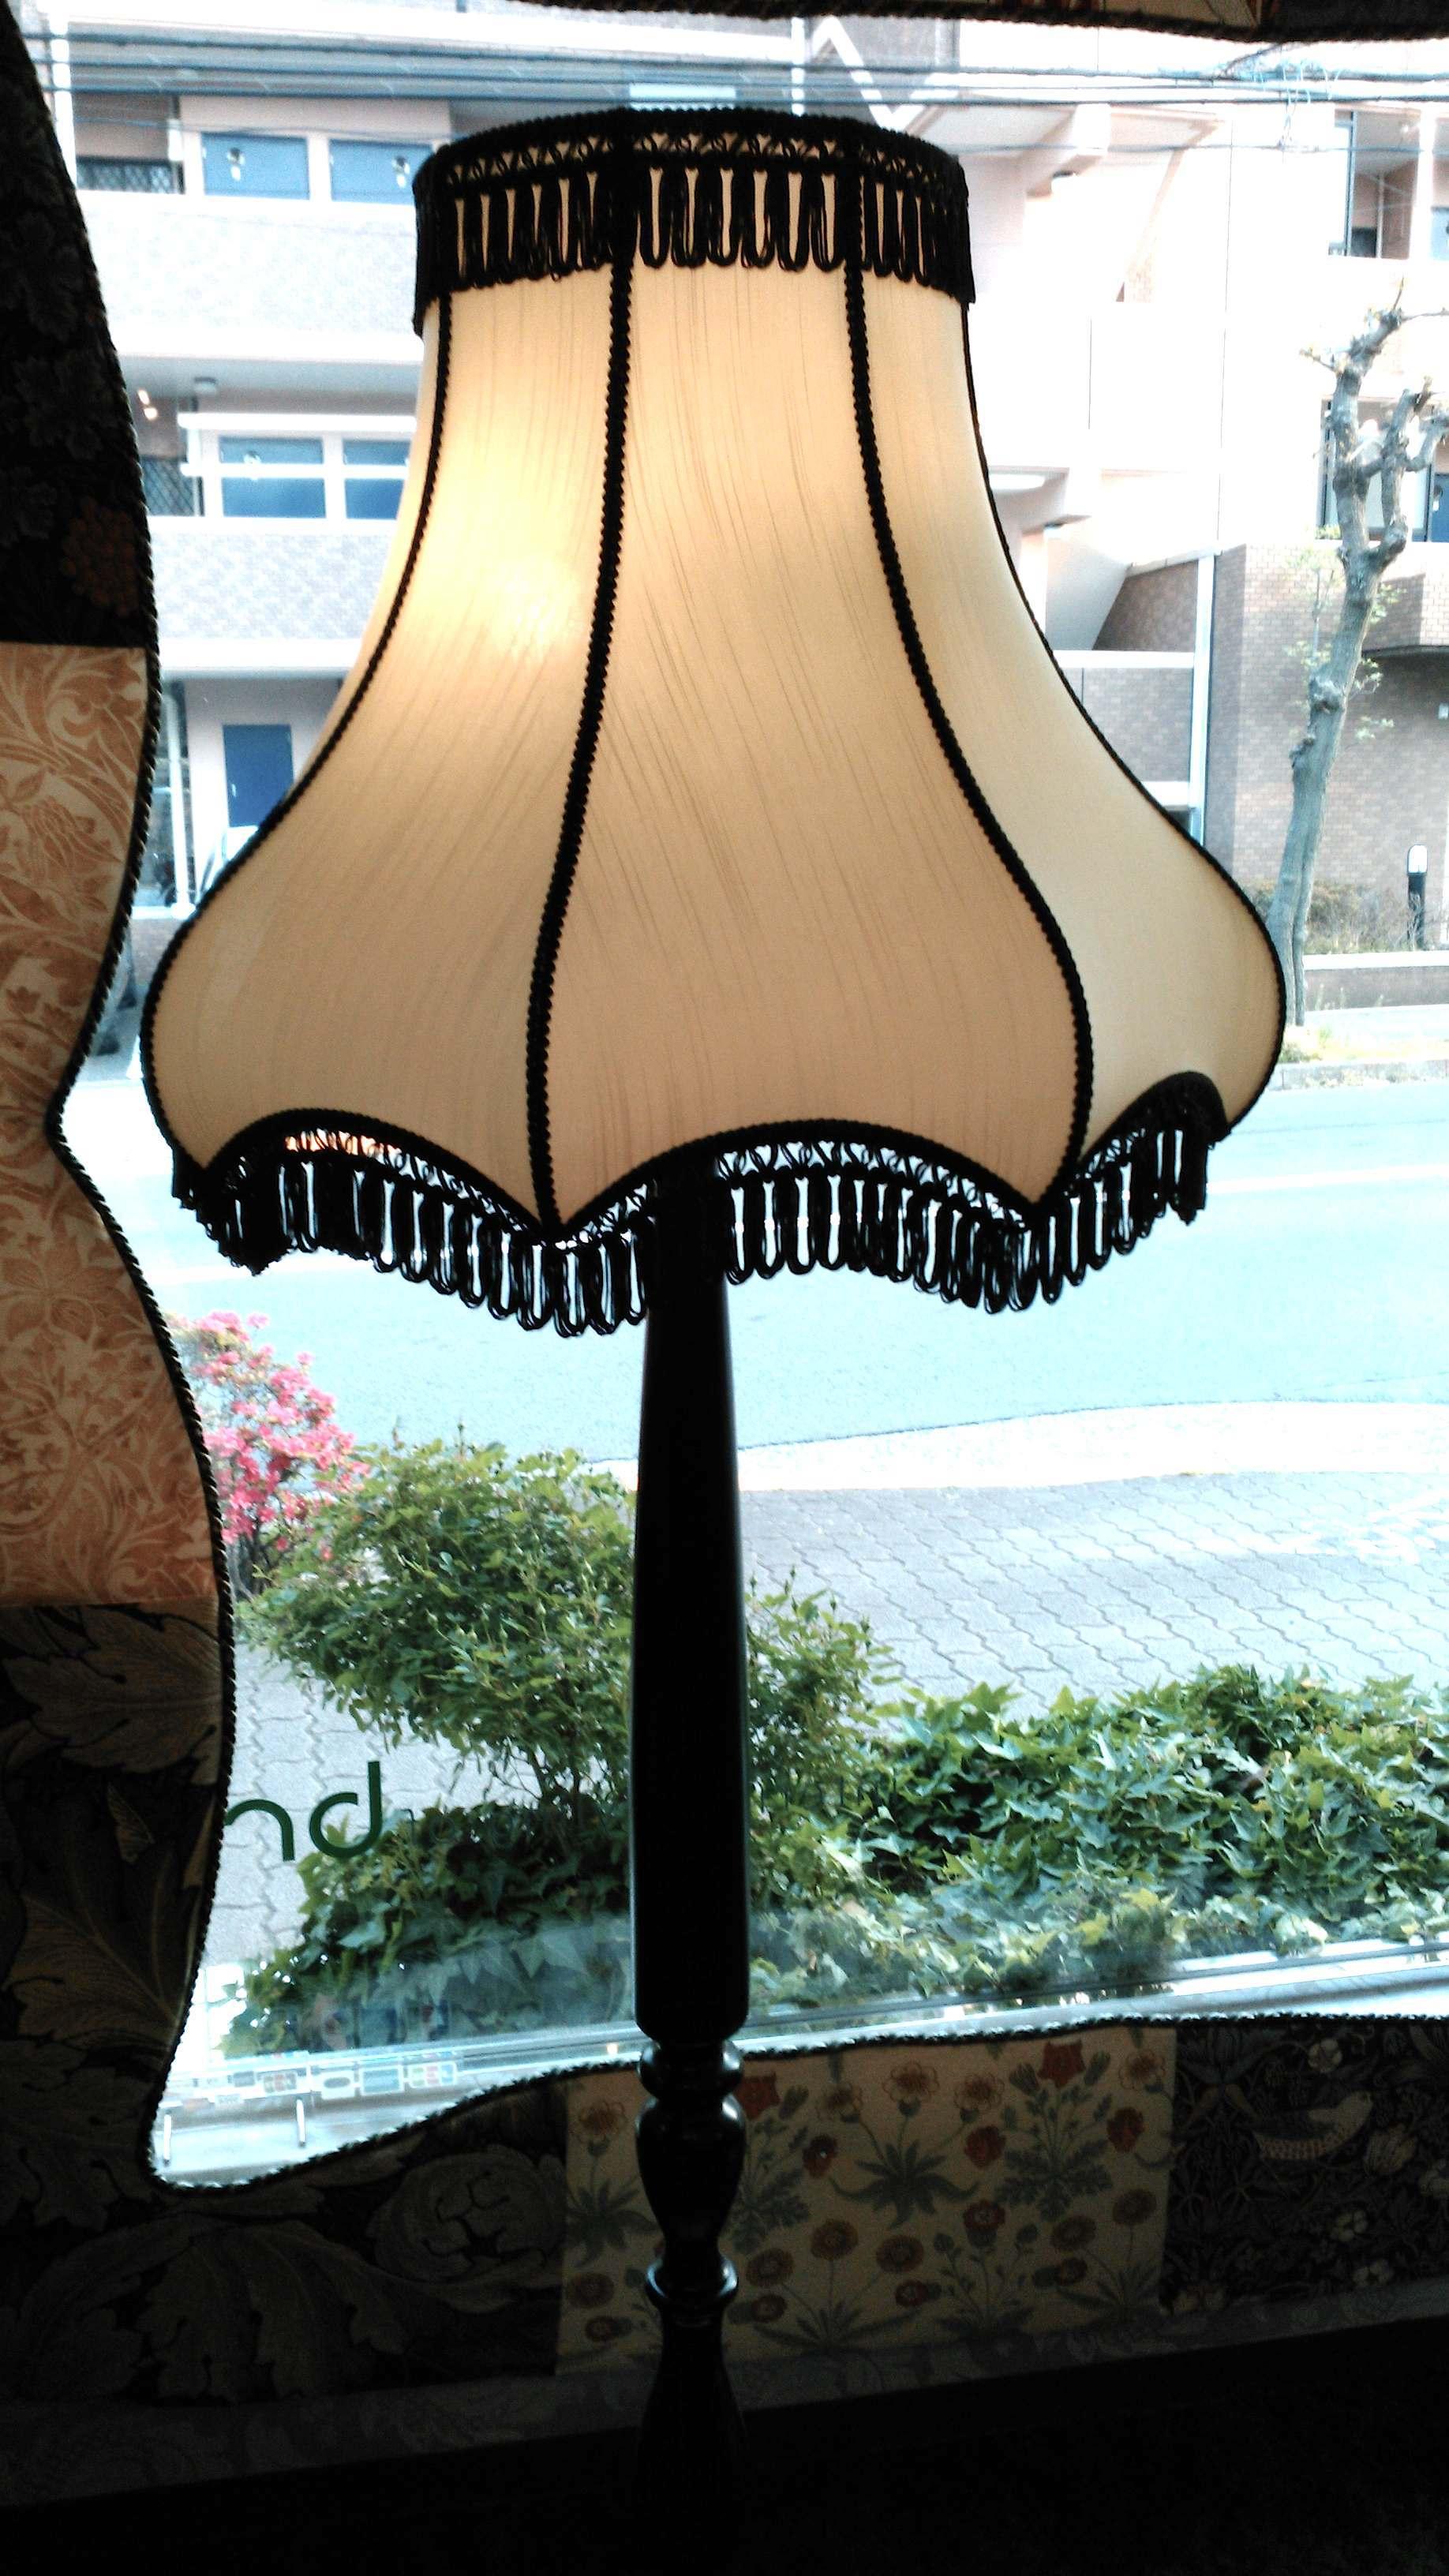 フロアスタンド用 ランプシェード張替 ウィリアムモリス正規販売店のブライト_c0157866_17035849.jpg